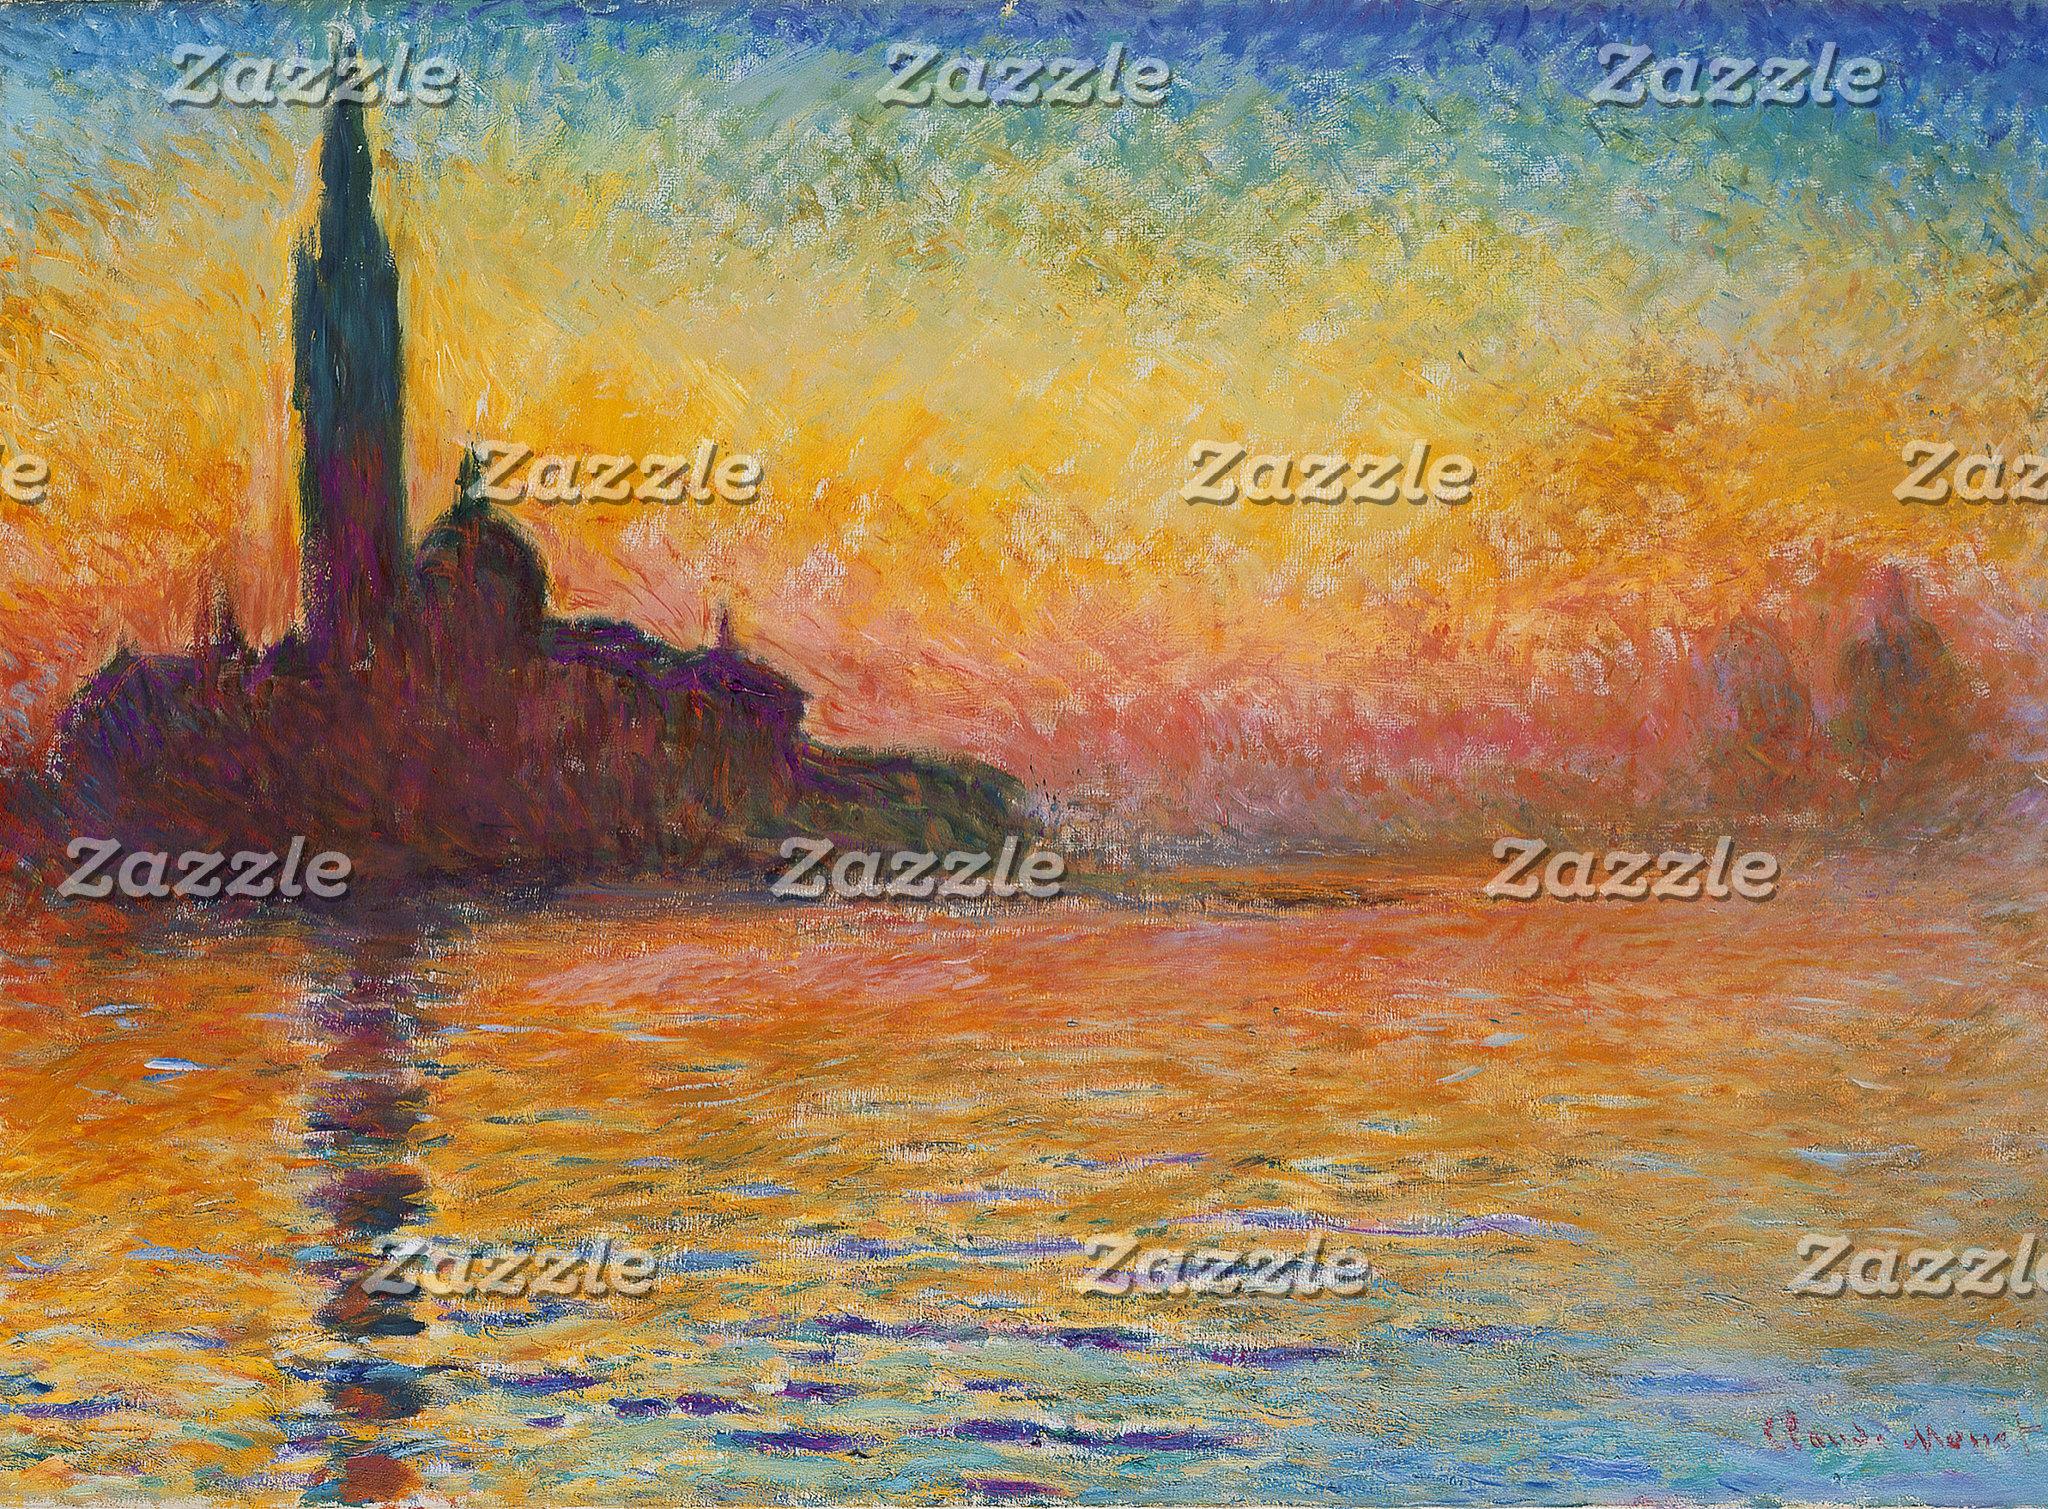 Claud Monet